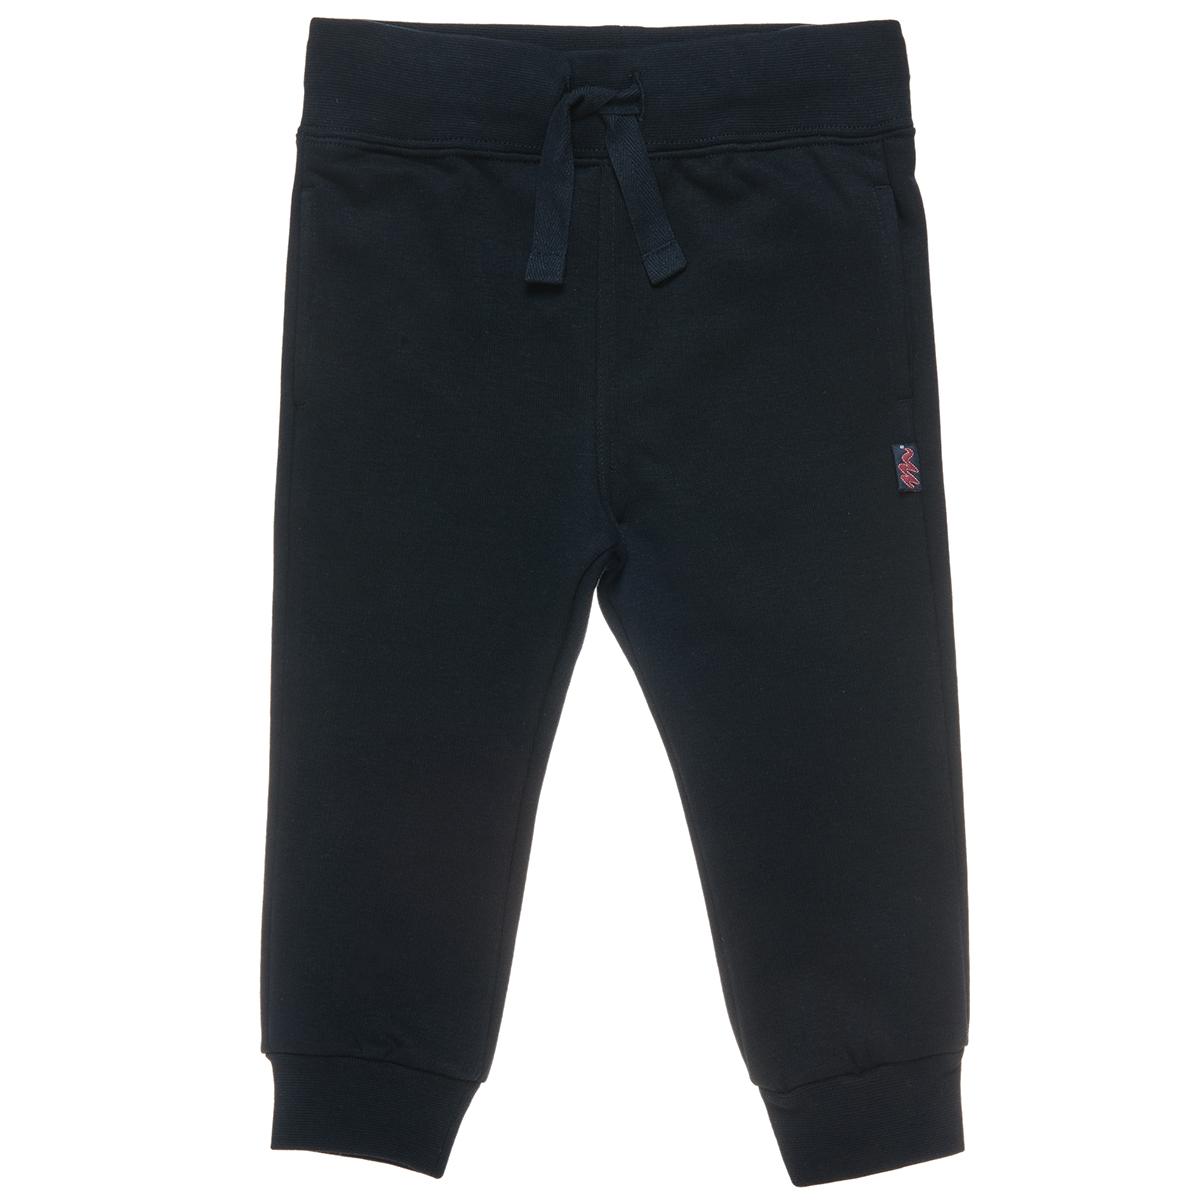 Παντελόνι Φόρμας Moovers basic με λάστιχο (Αγόρι 18 μηνών-5 ετών) 00211855 - Μπλε - 4509-0002/3/10/173